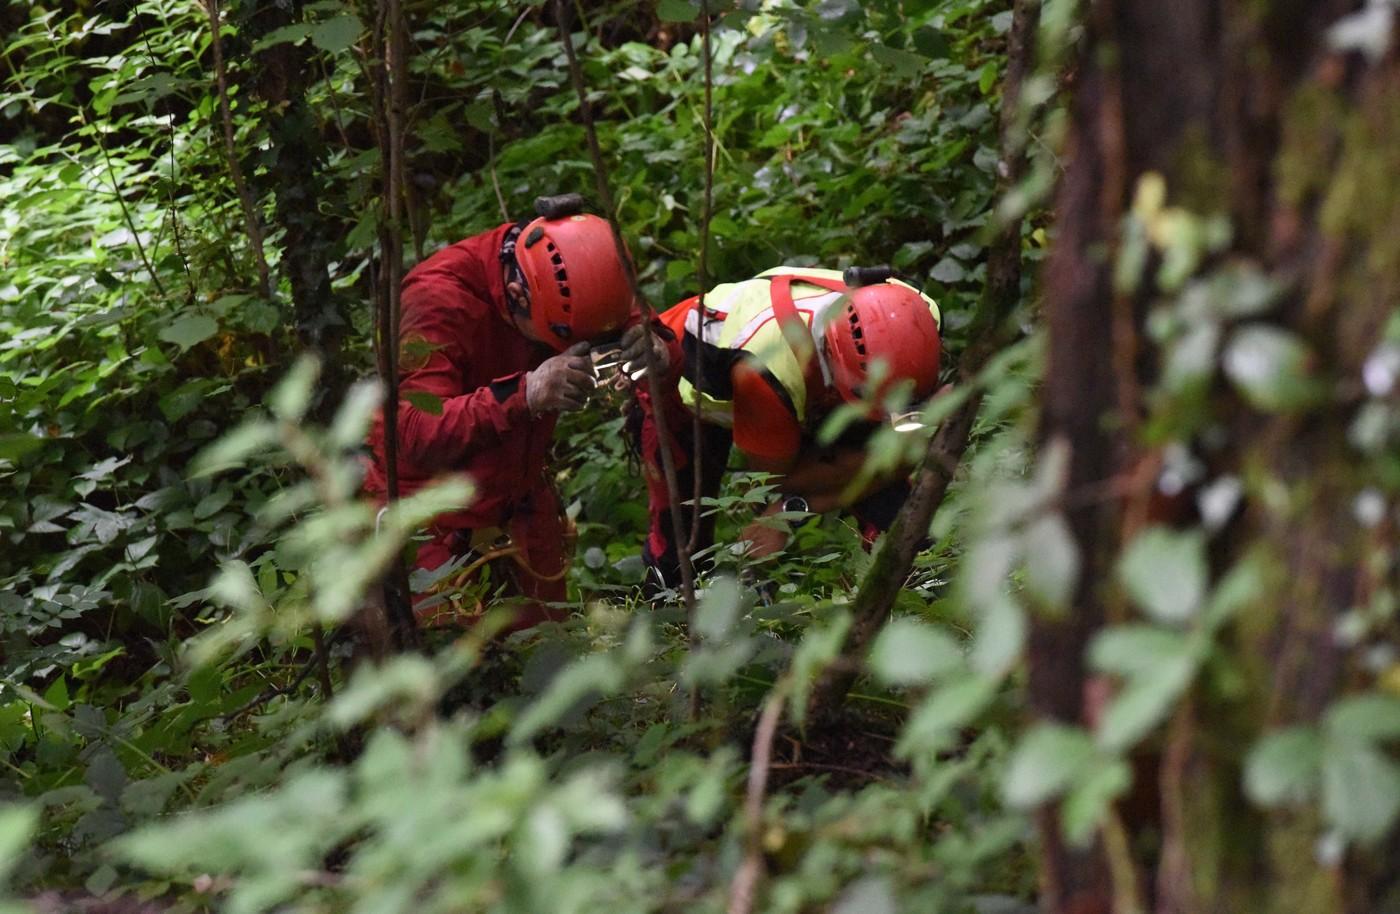 Trovato un piccolo cranio nei boschi del Bresciano, è di Iushra Gazi?